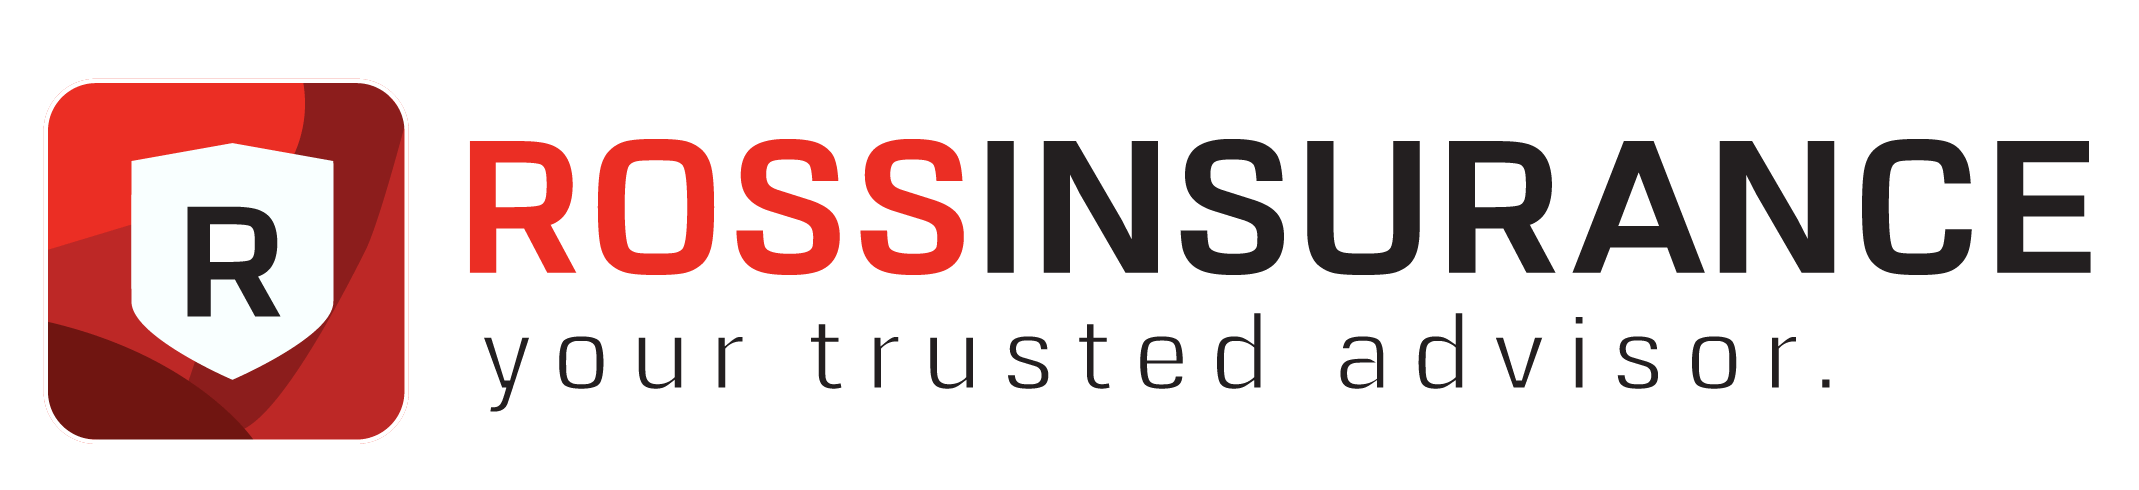 Ross Insurance Agency